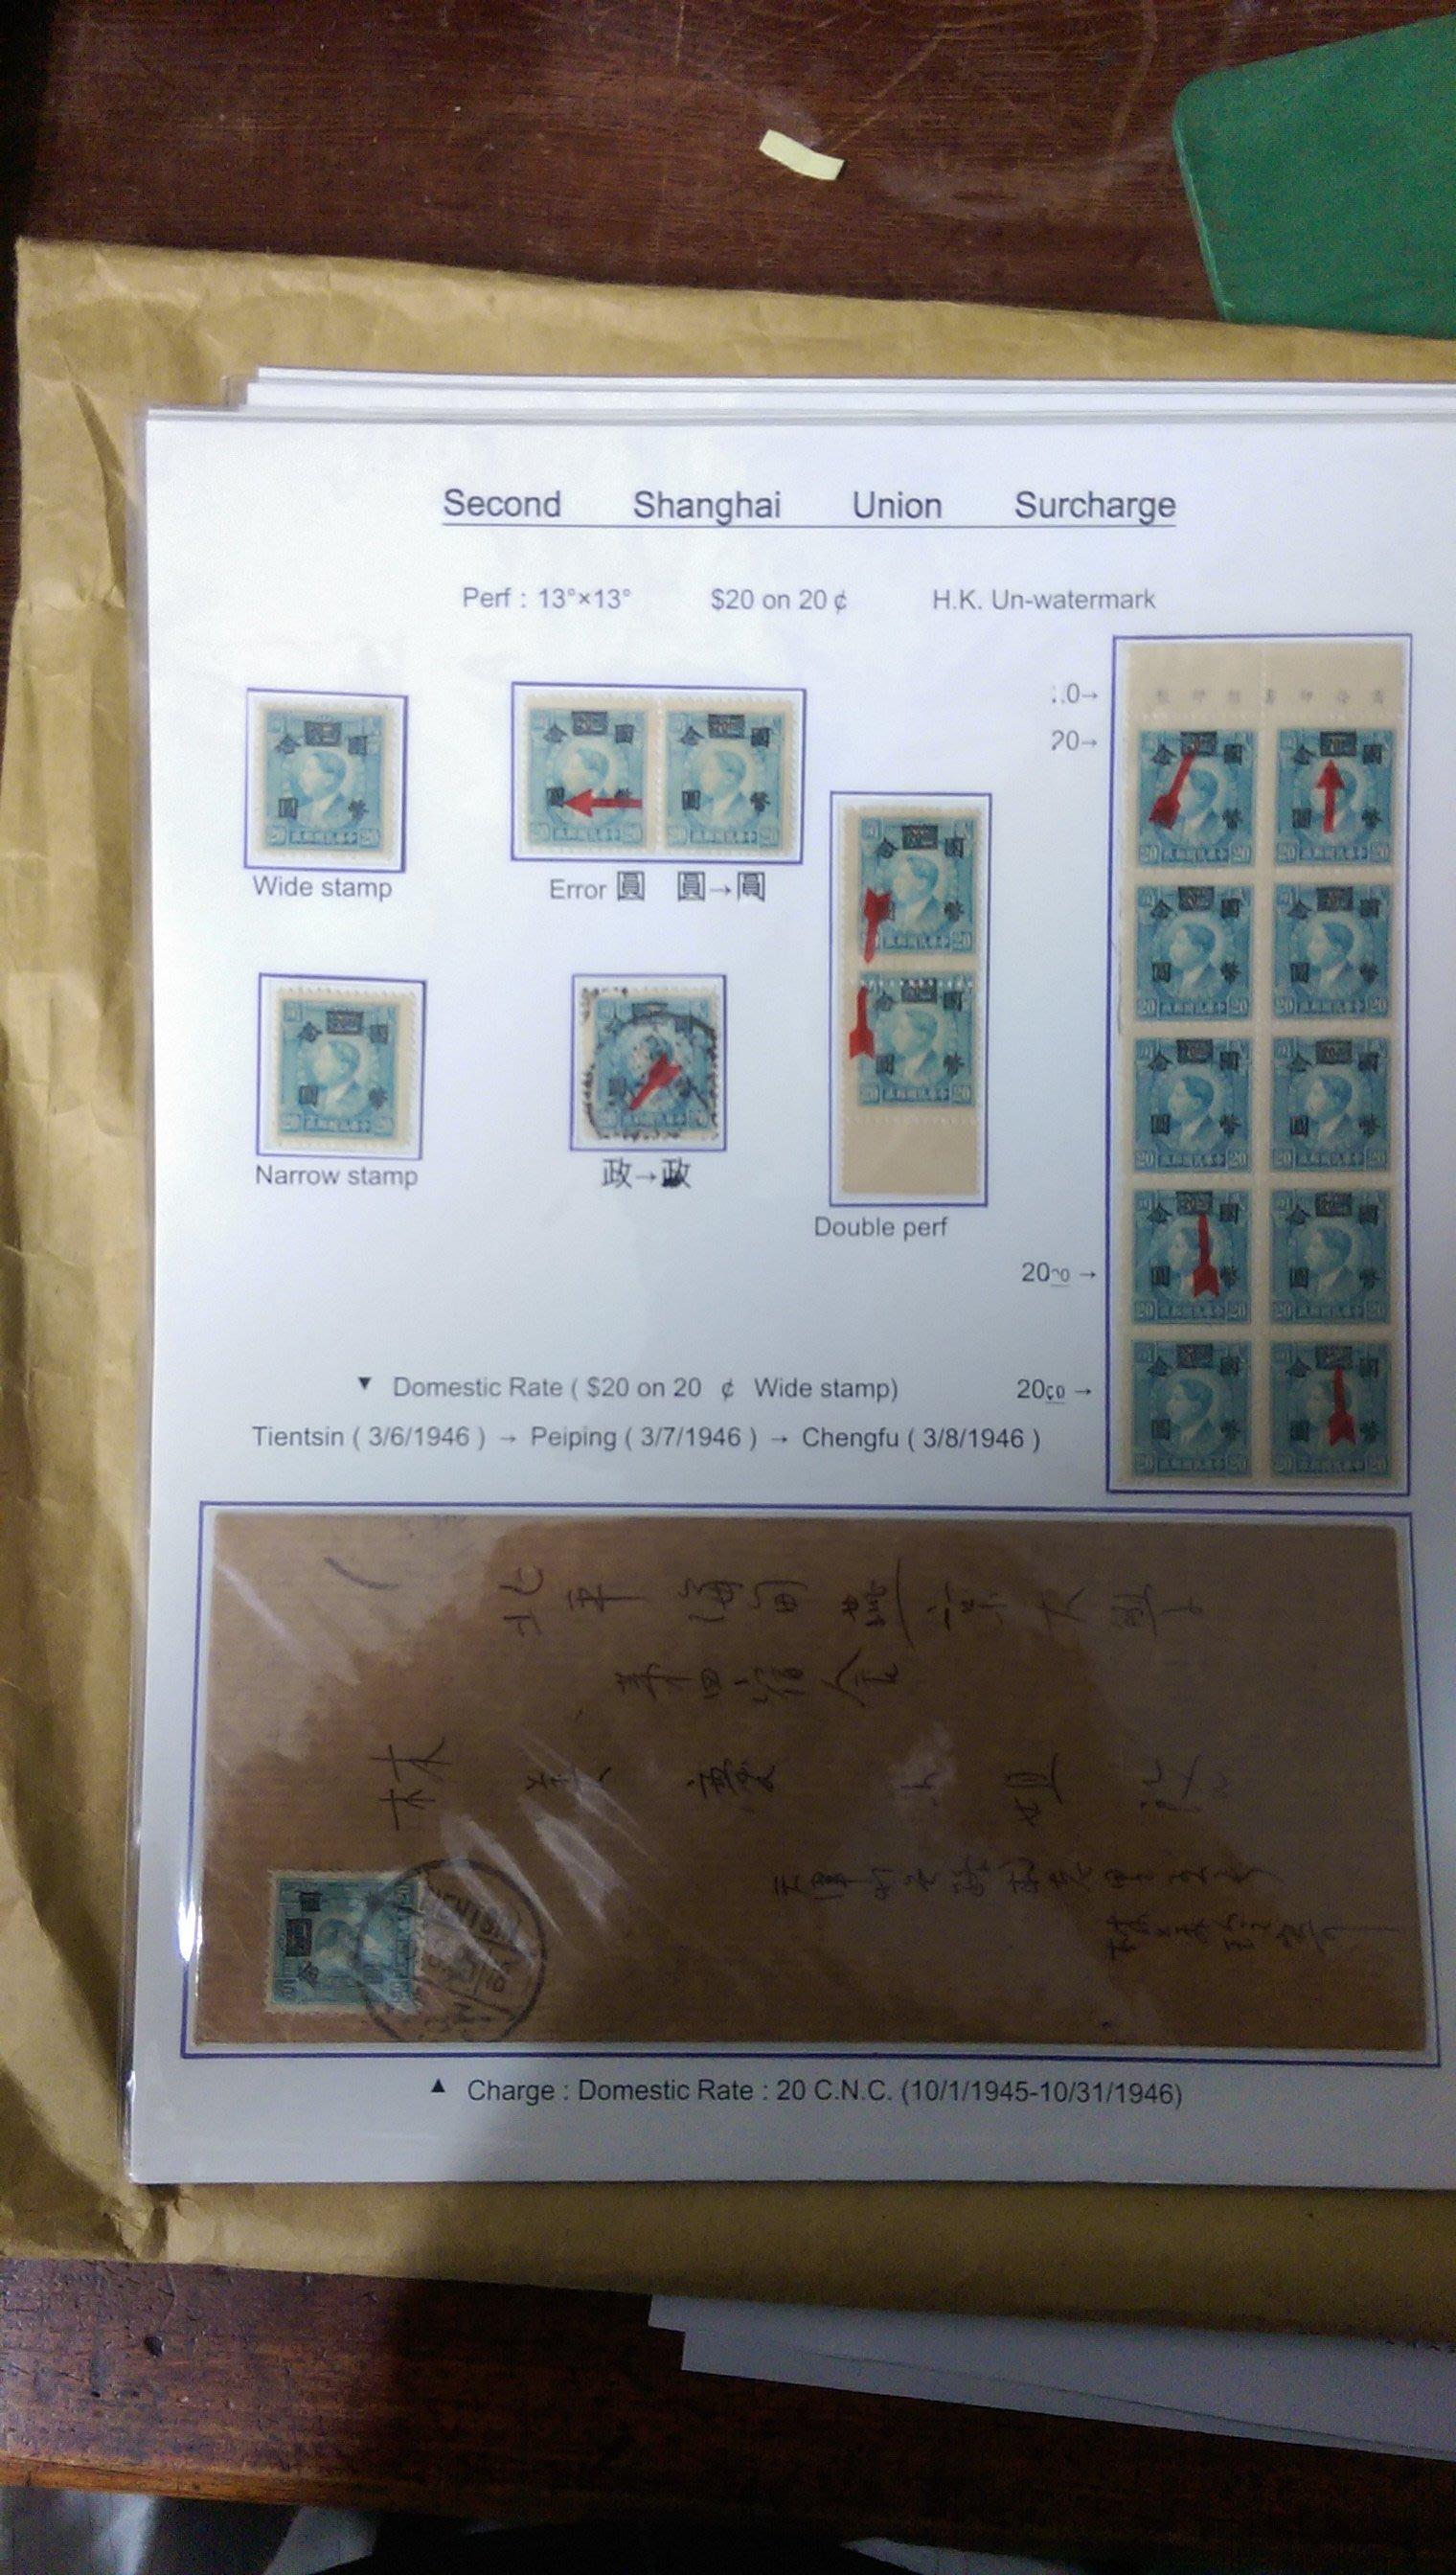 國幣加蓋票郵集影印本,2016泰中郵展鍍金牌得獎作品,80頁,含裝訂,350元